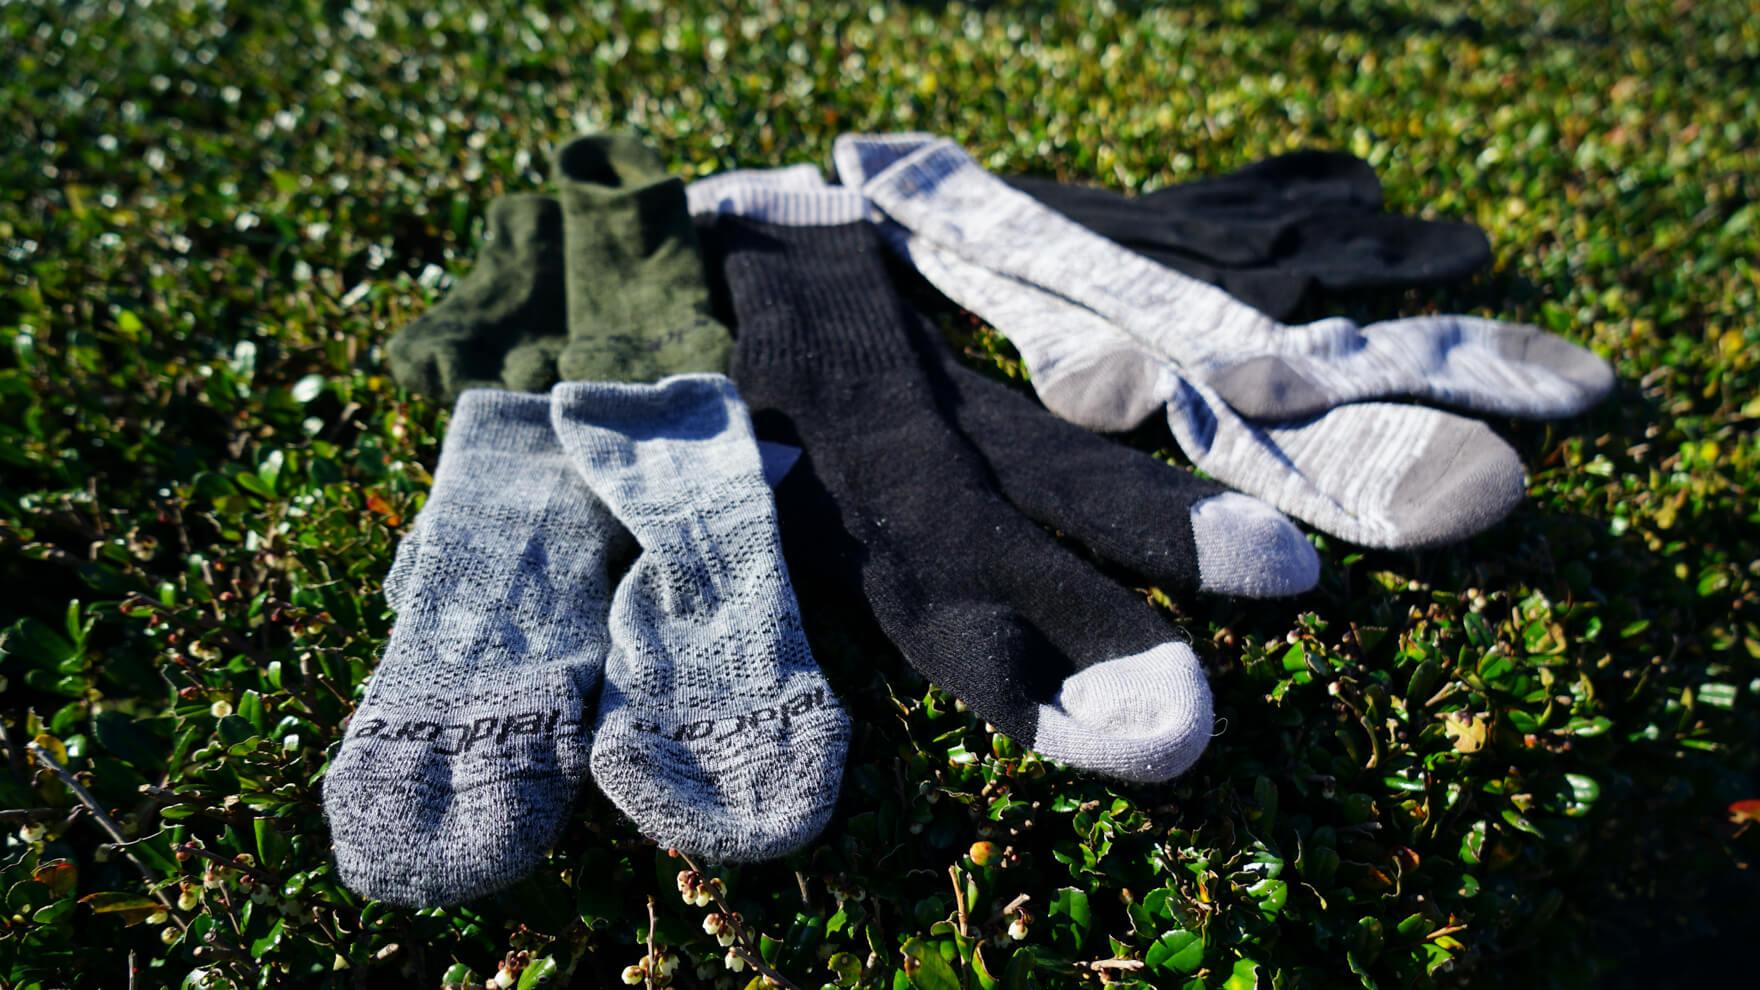 アンバサダーがワークマンの秋冬新作をチェック!【3】 メリノウール!トウガラシ!冬向けソックス履き比べ